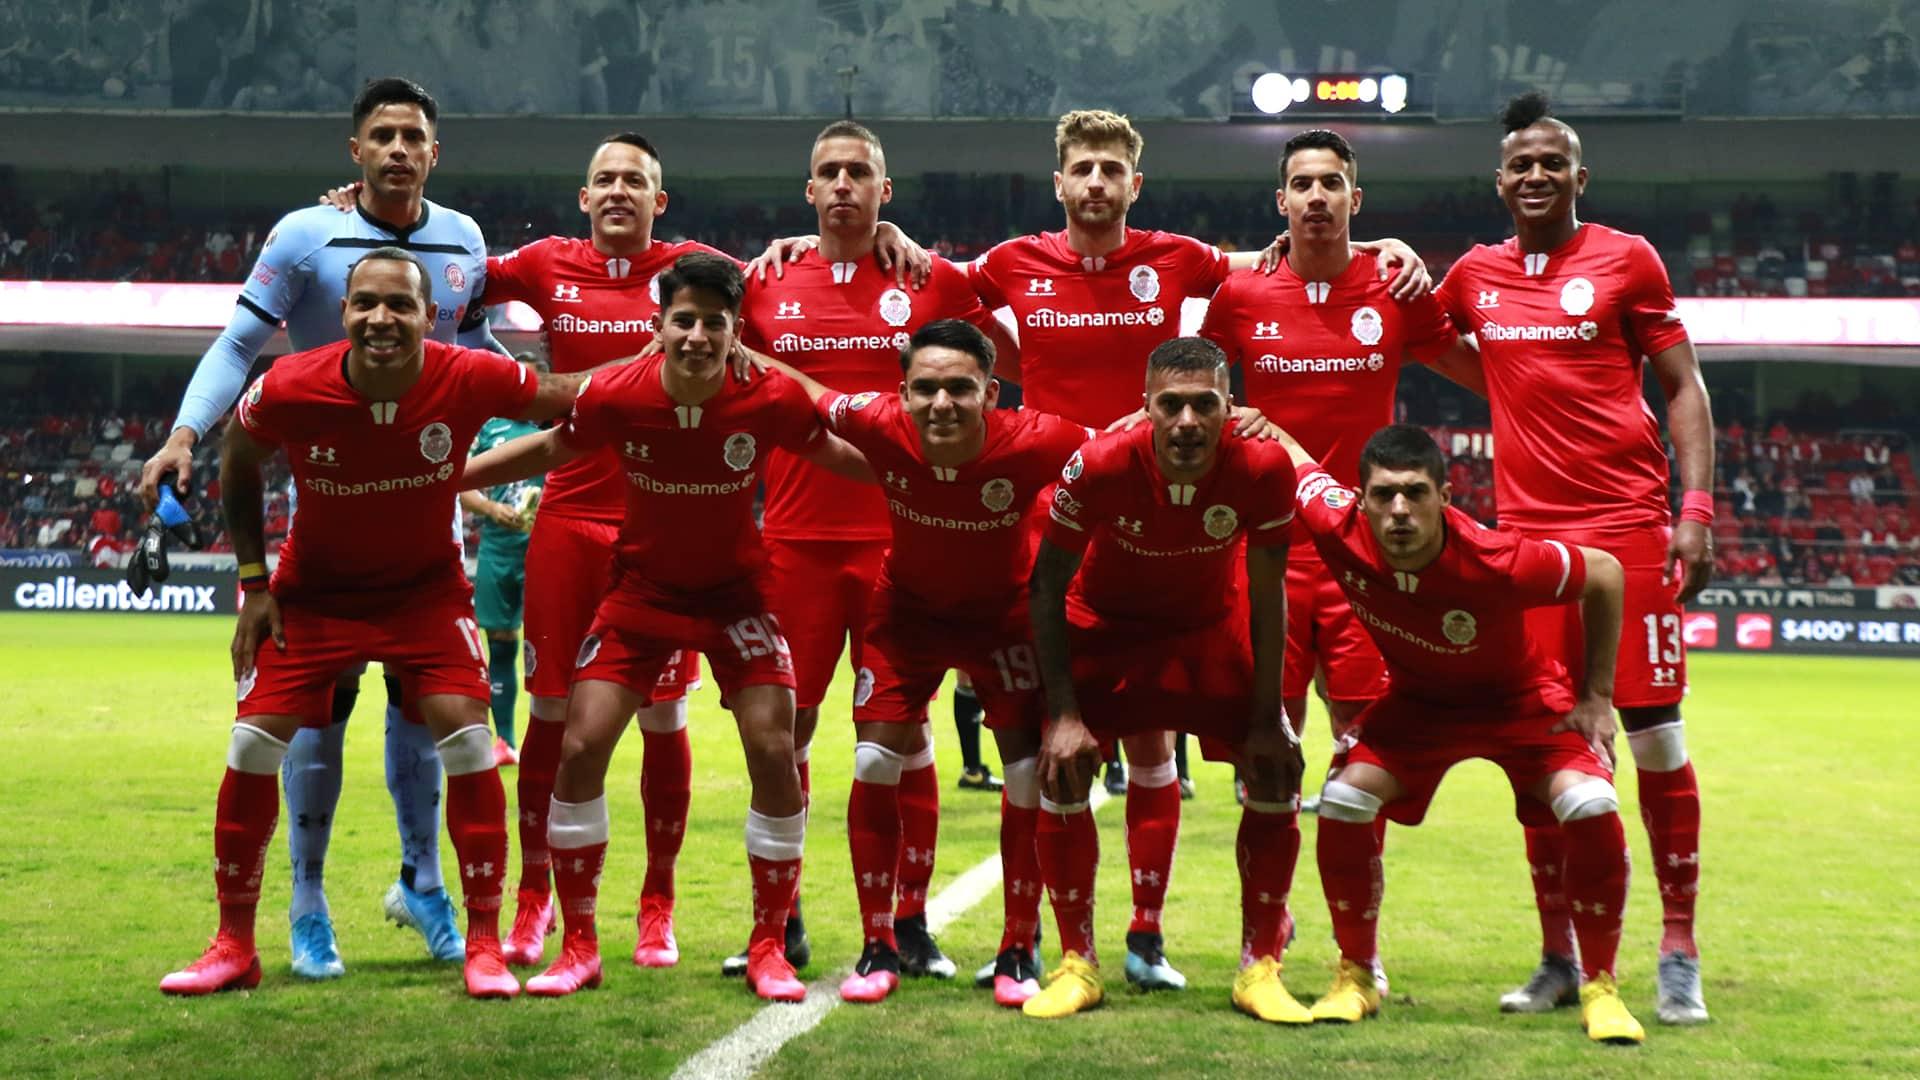 Diablos Rojos de Toluca